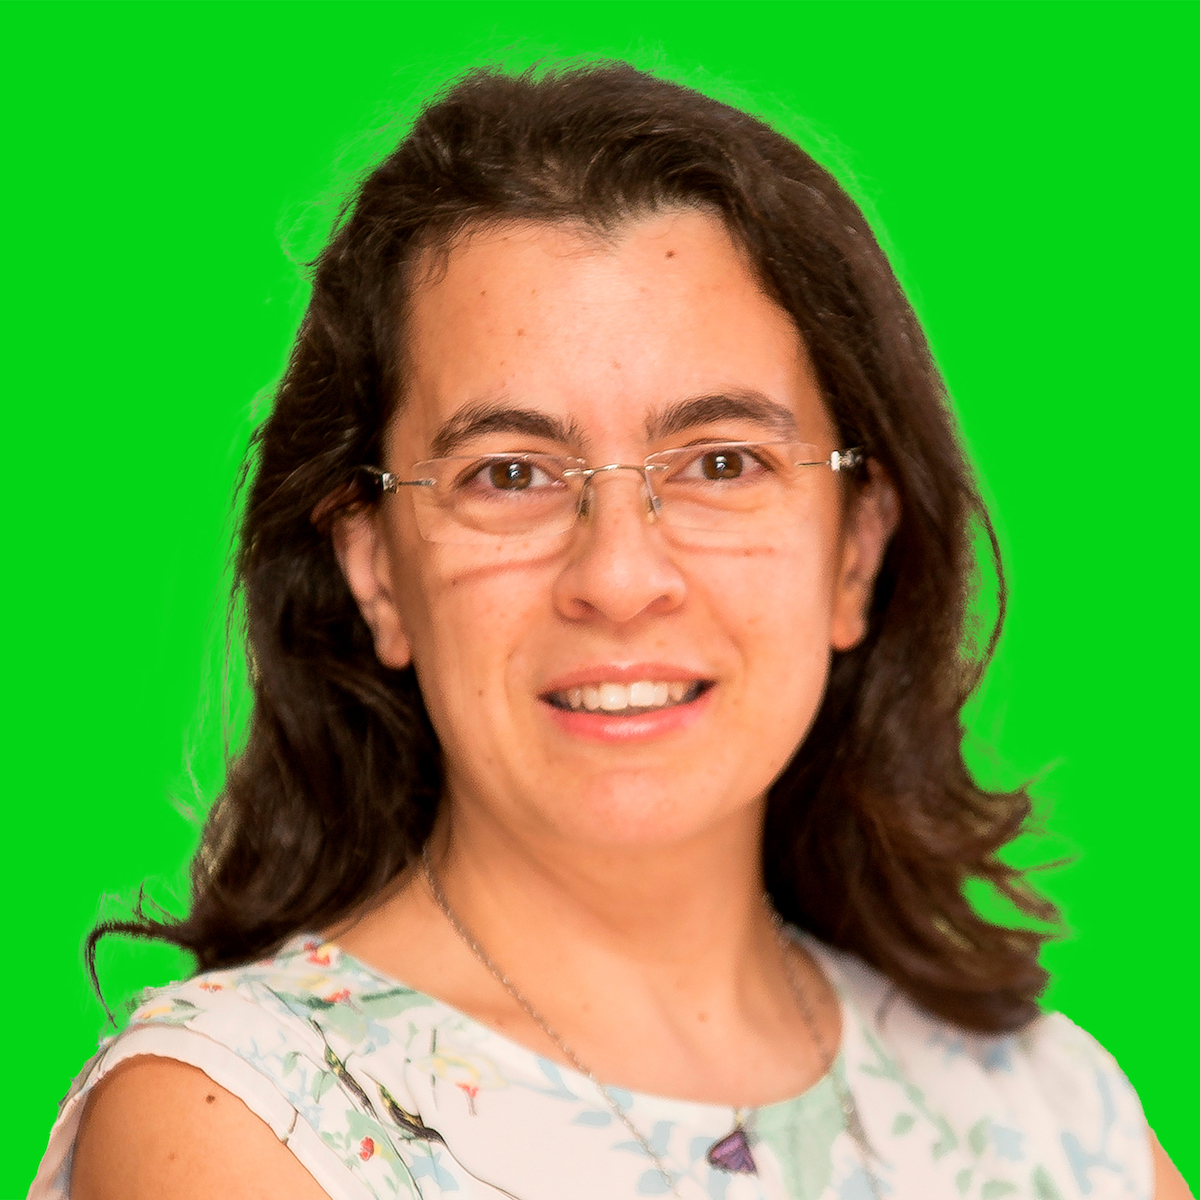 Imagem de Maria João Guedes